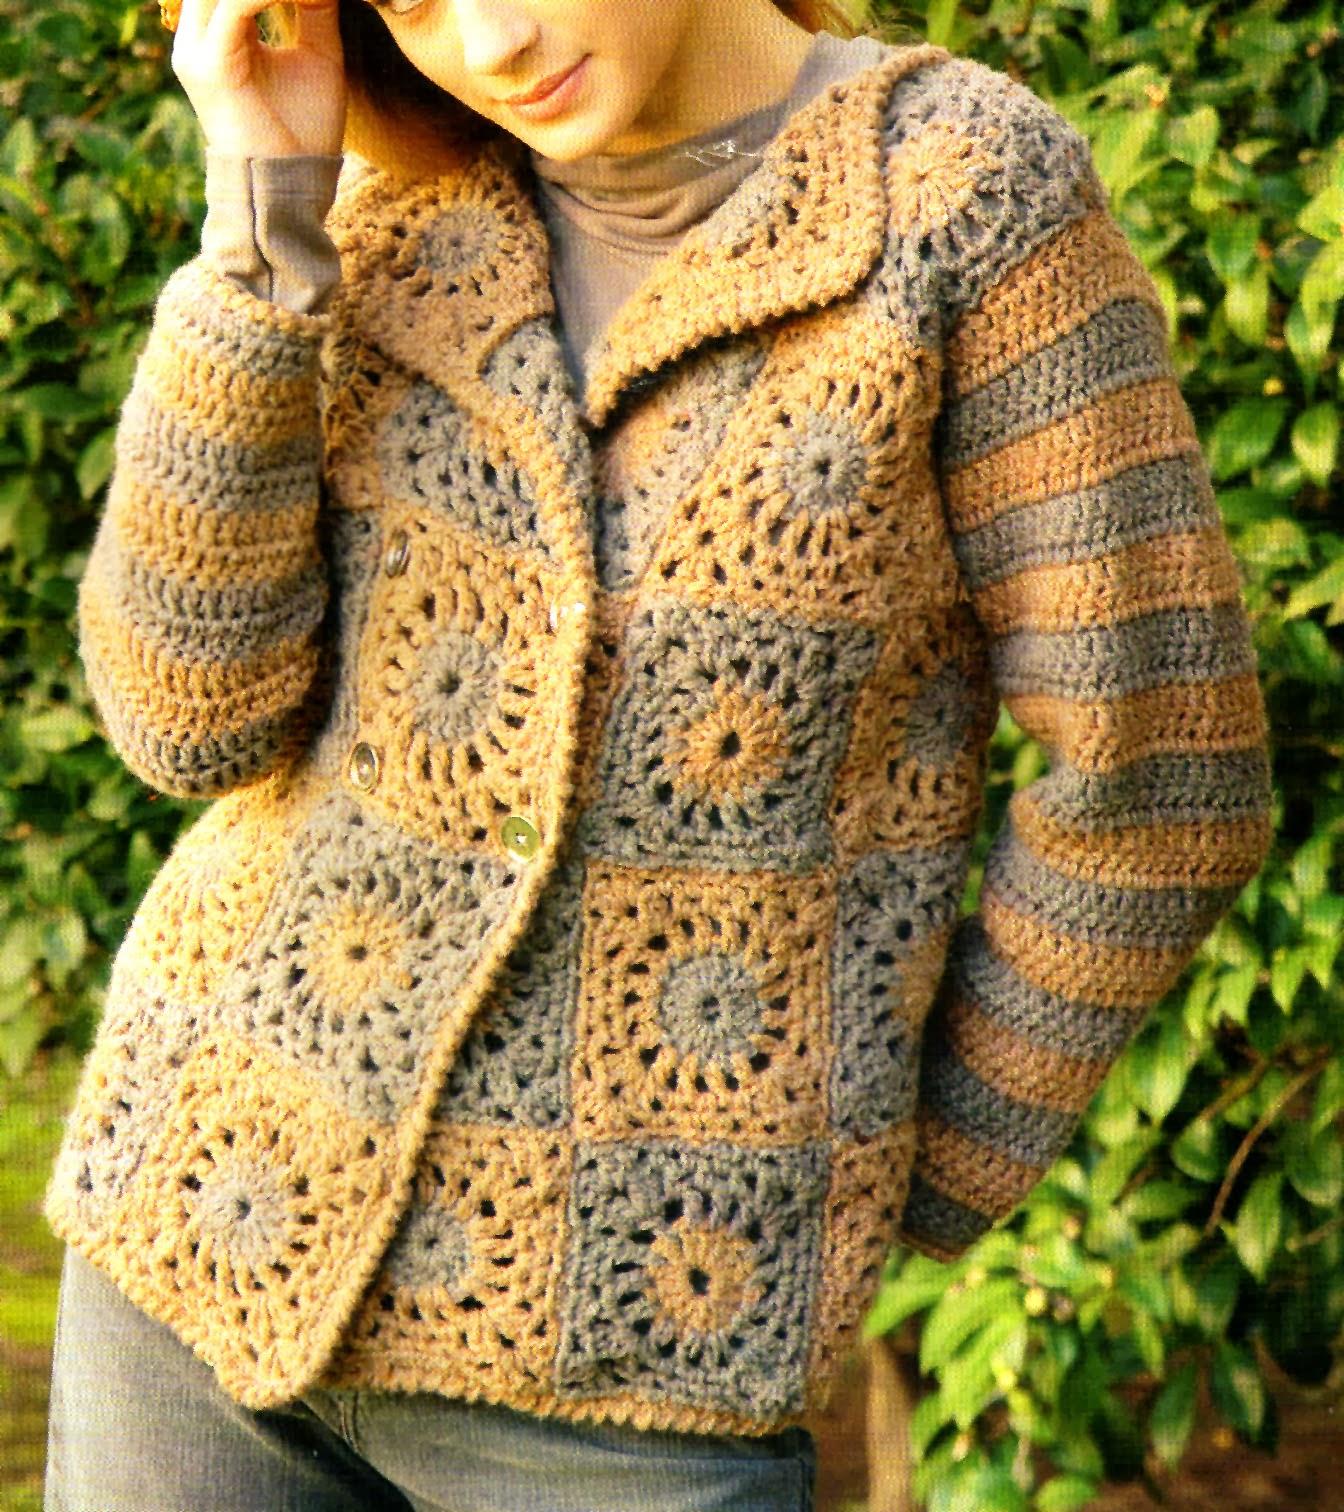 tejidos artesanales en crochet sobrio sacon tejido en crochet talle medium. Black Bedroom Furniture Sets. Home Design Ideas